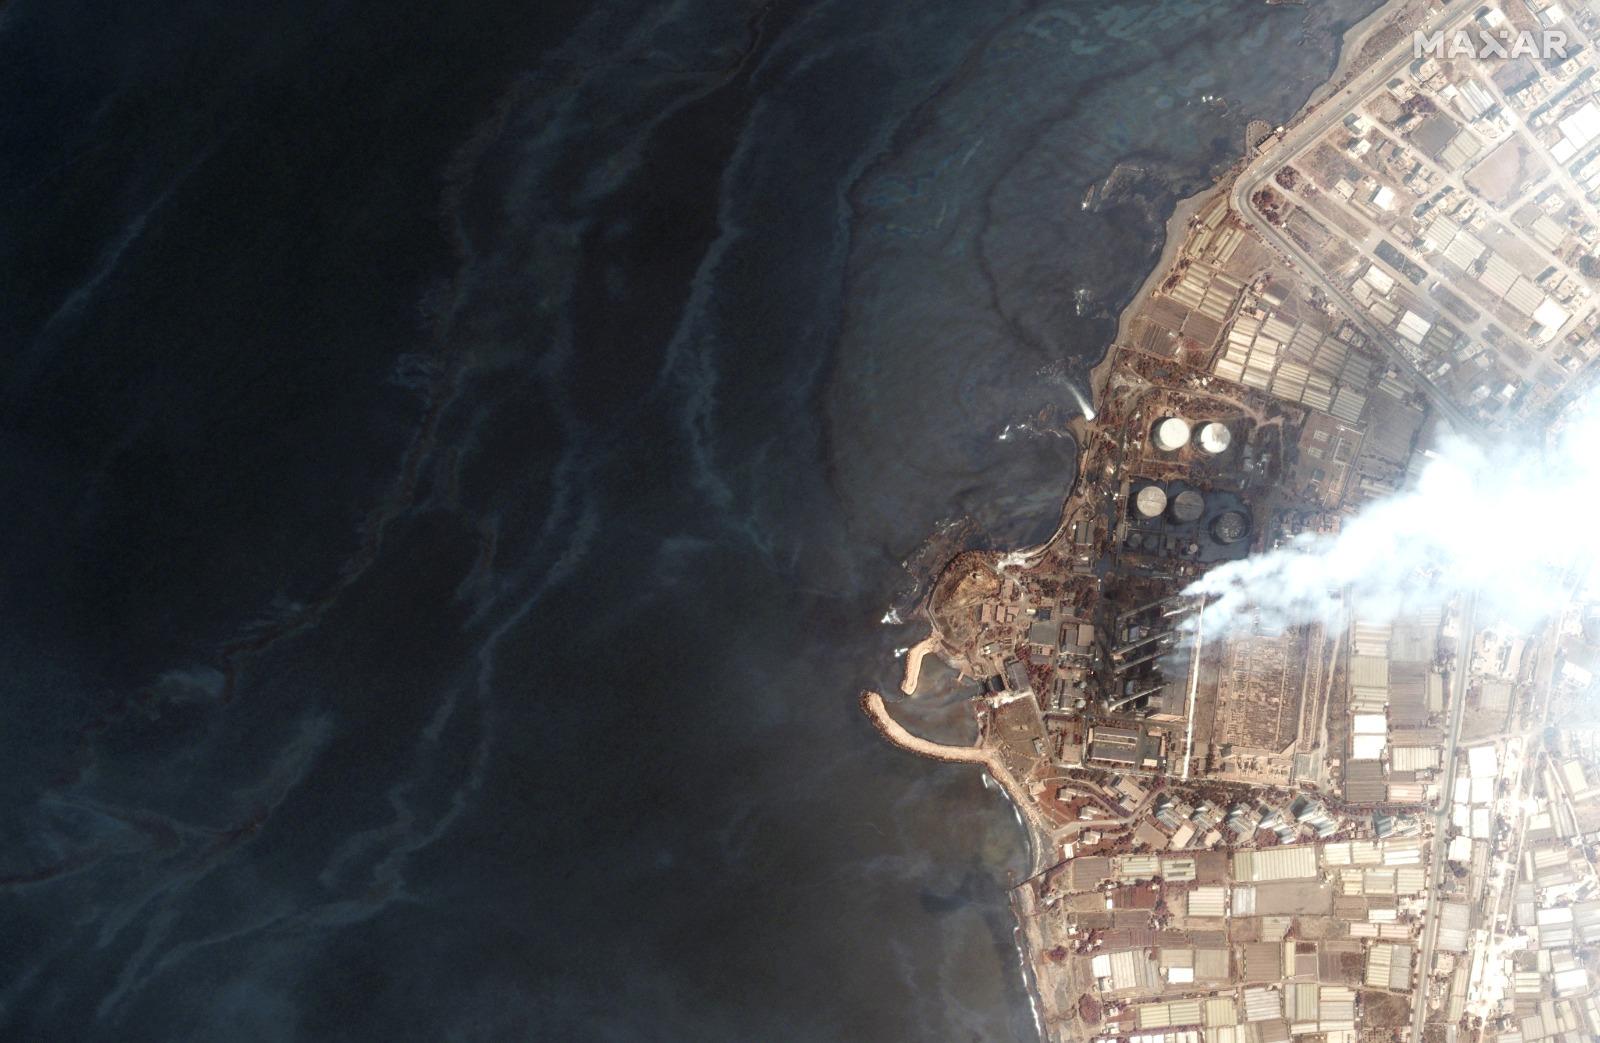 דליפת נפט מסוריה מאיימת על הים התיכון